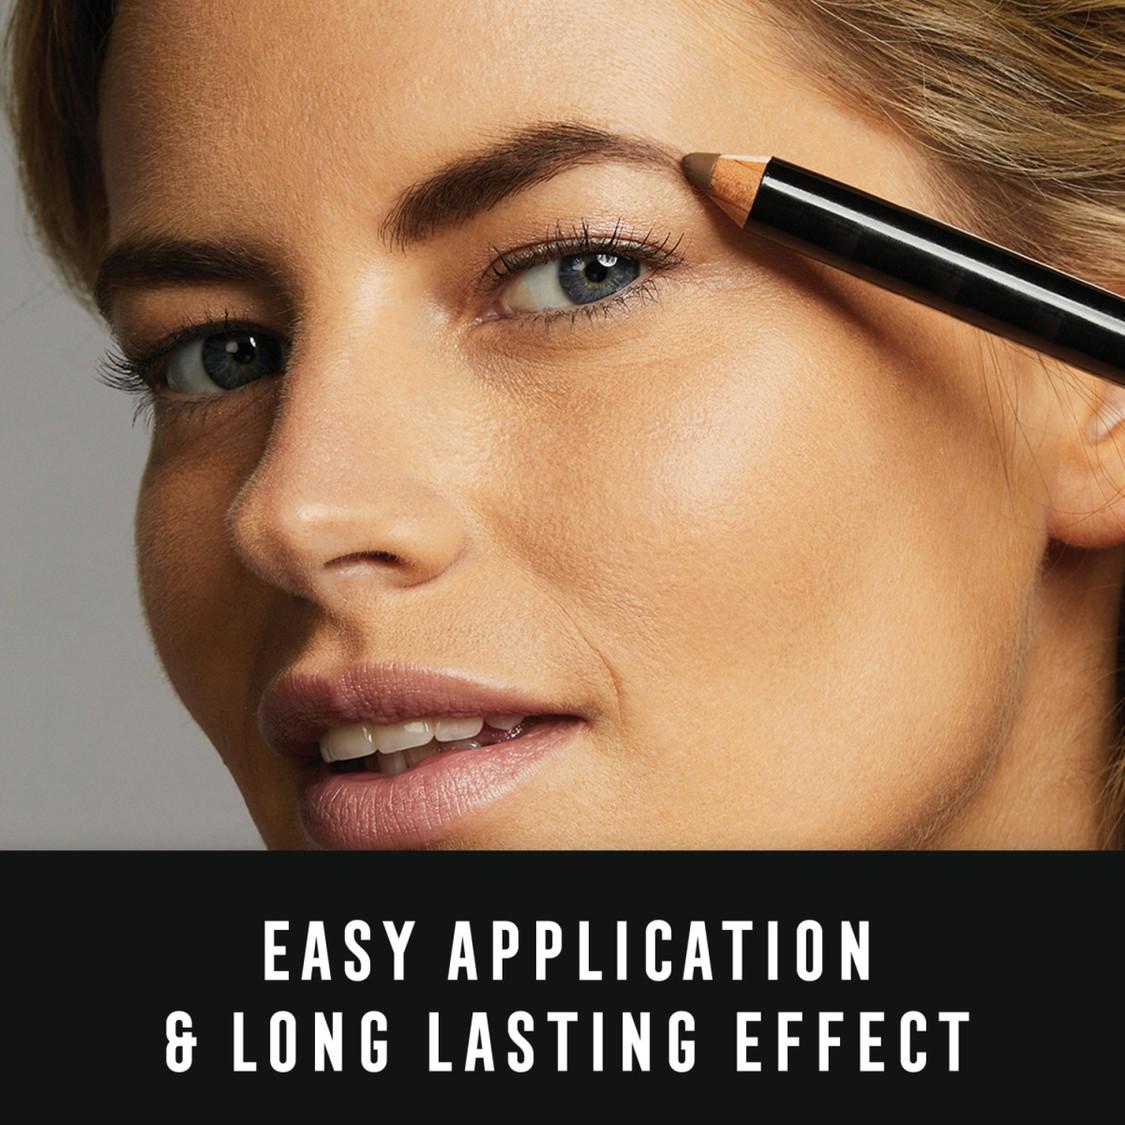 Max Factor Real Brow Fiber Pencil - 1.8 gms